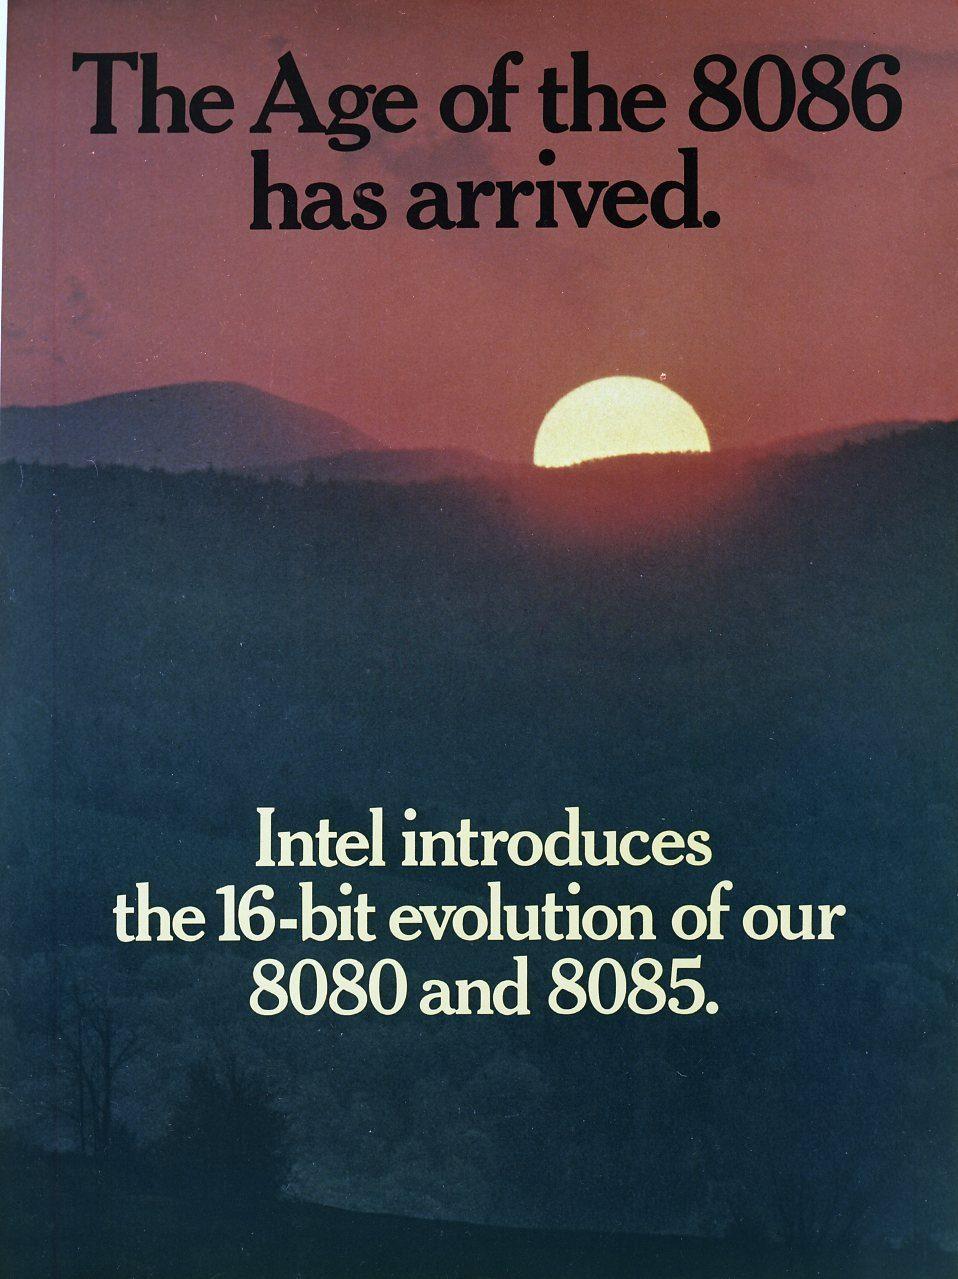 Intel-8086-4